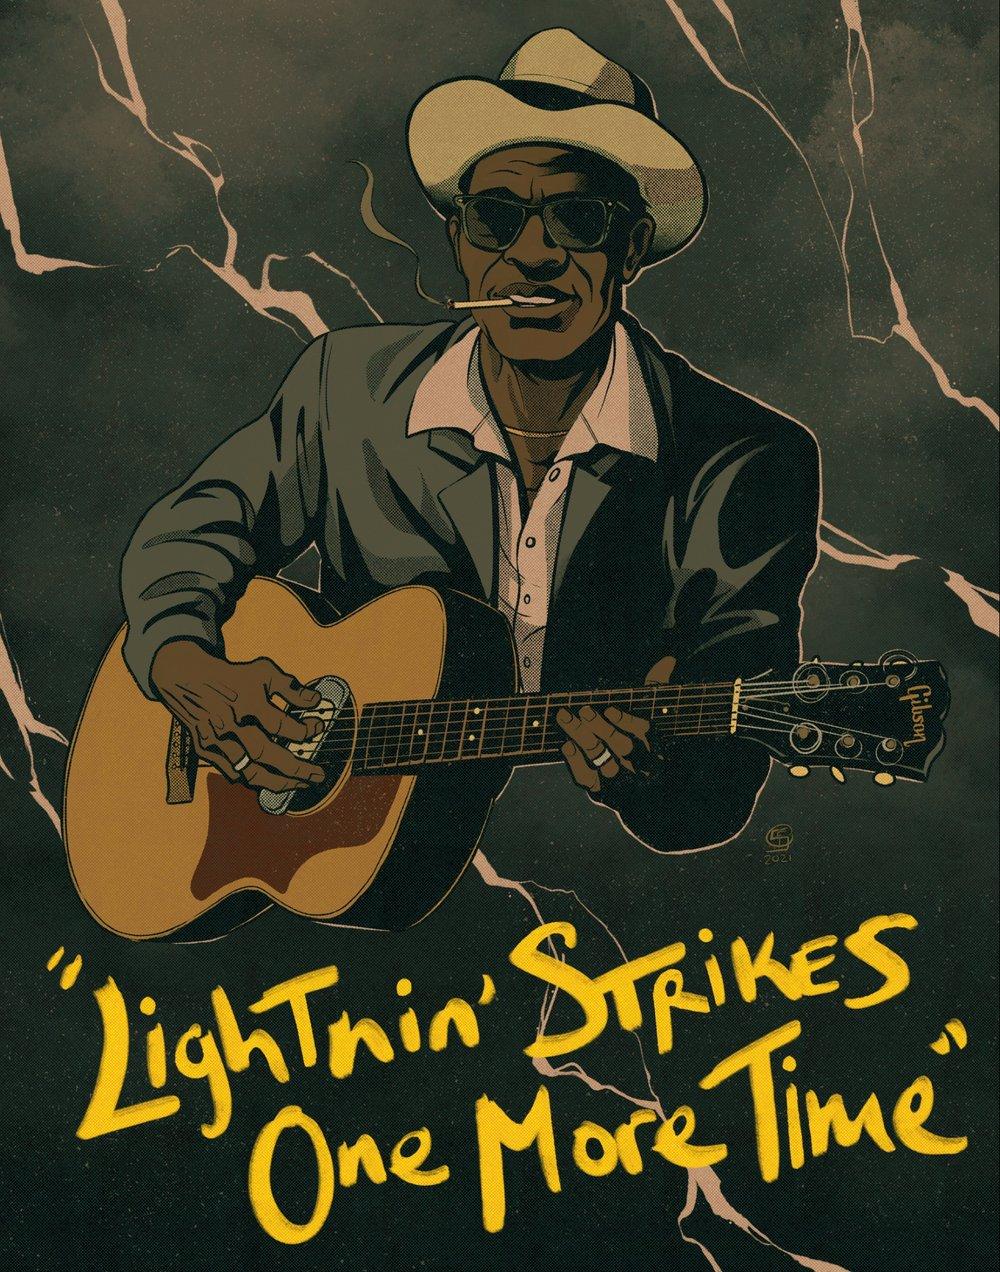 Image of Lightnin' Hopkins Print